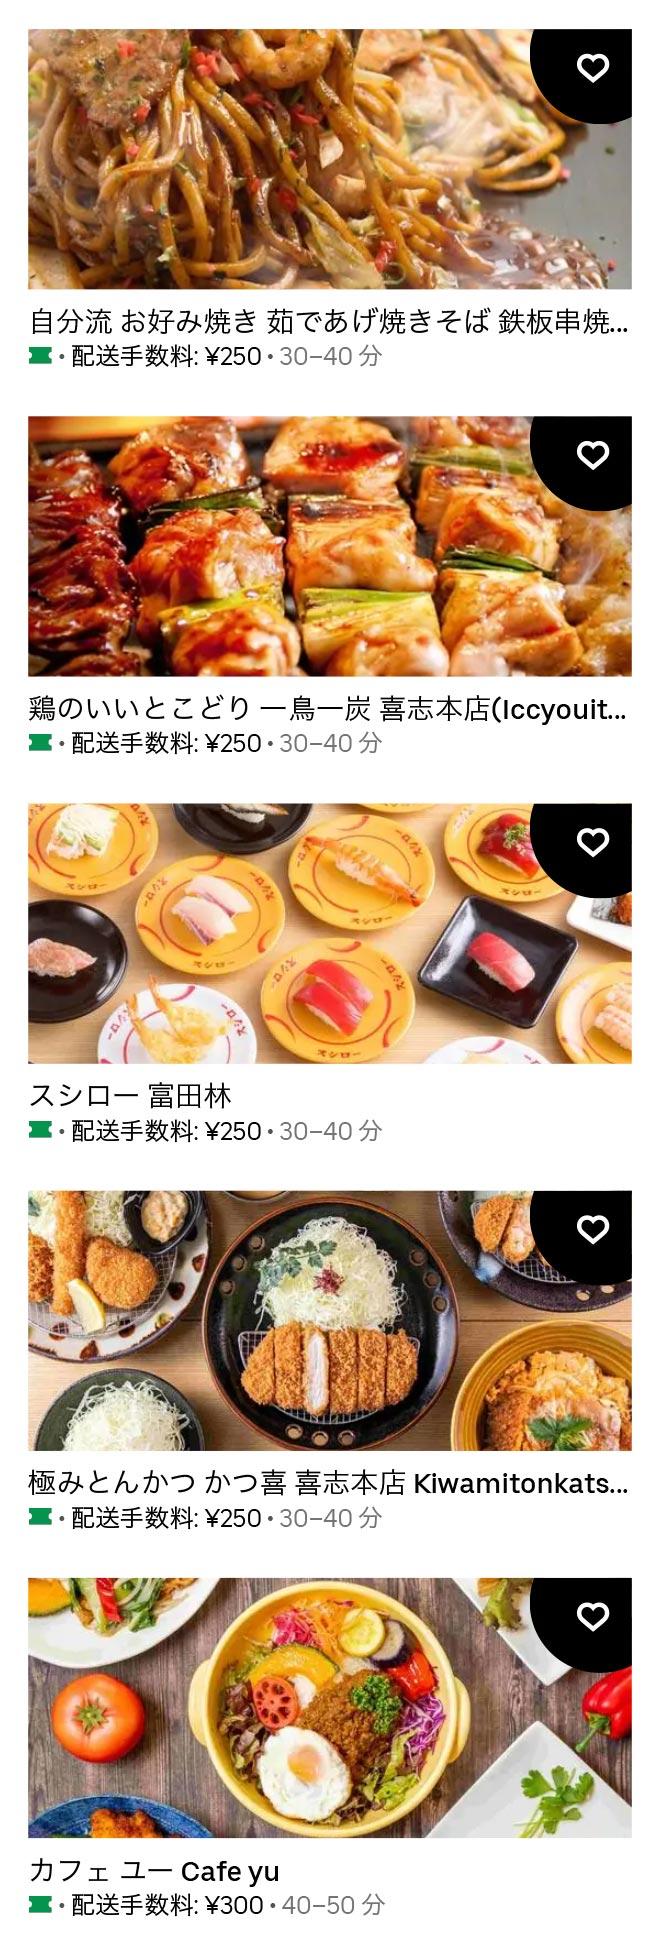 U tondabayashi 2105 03